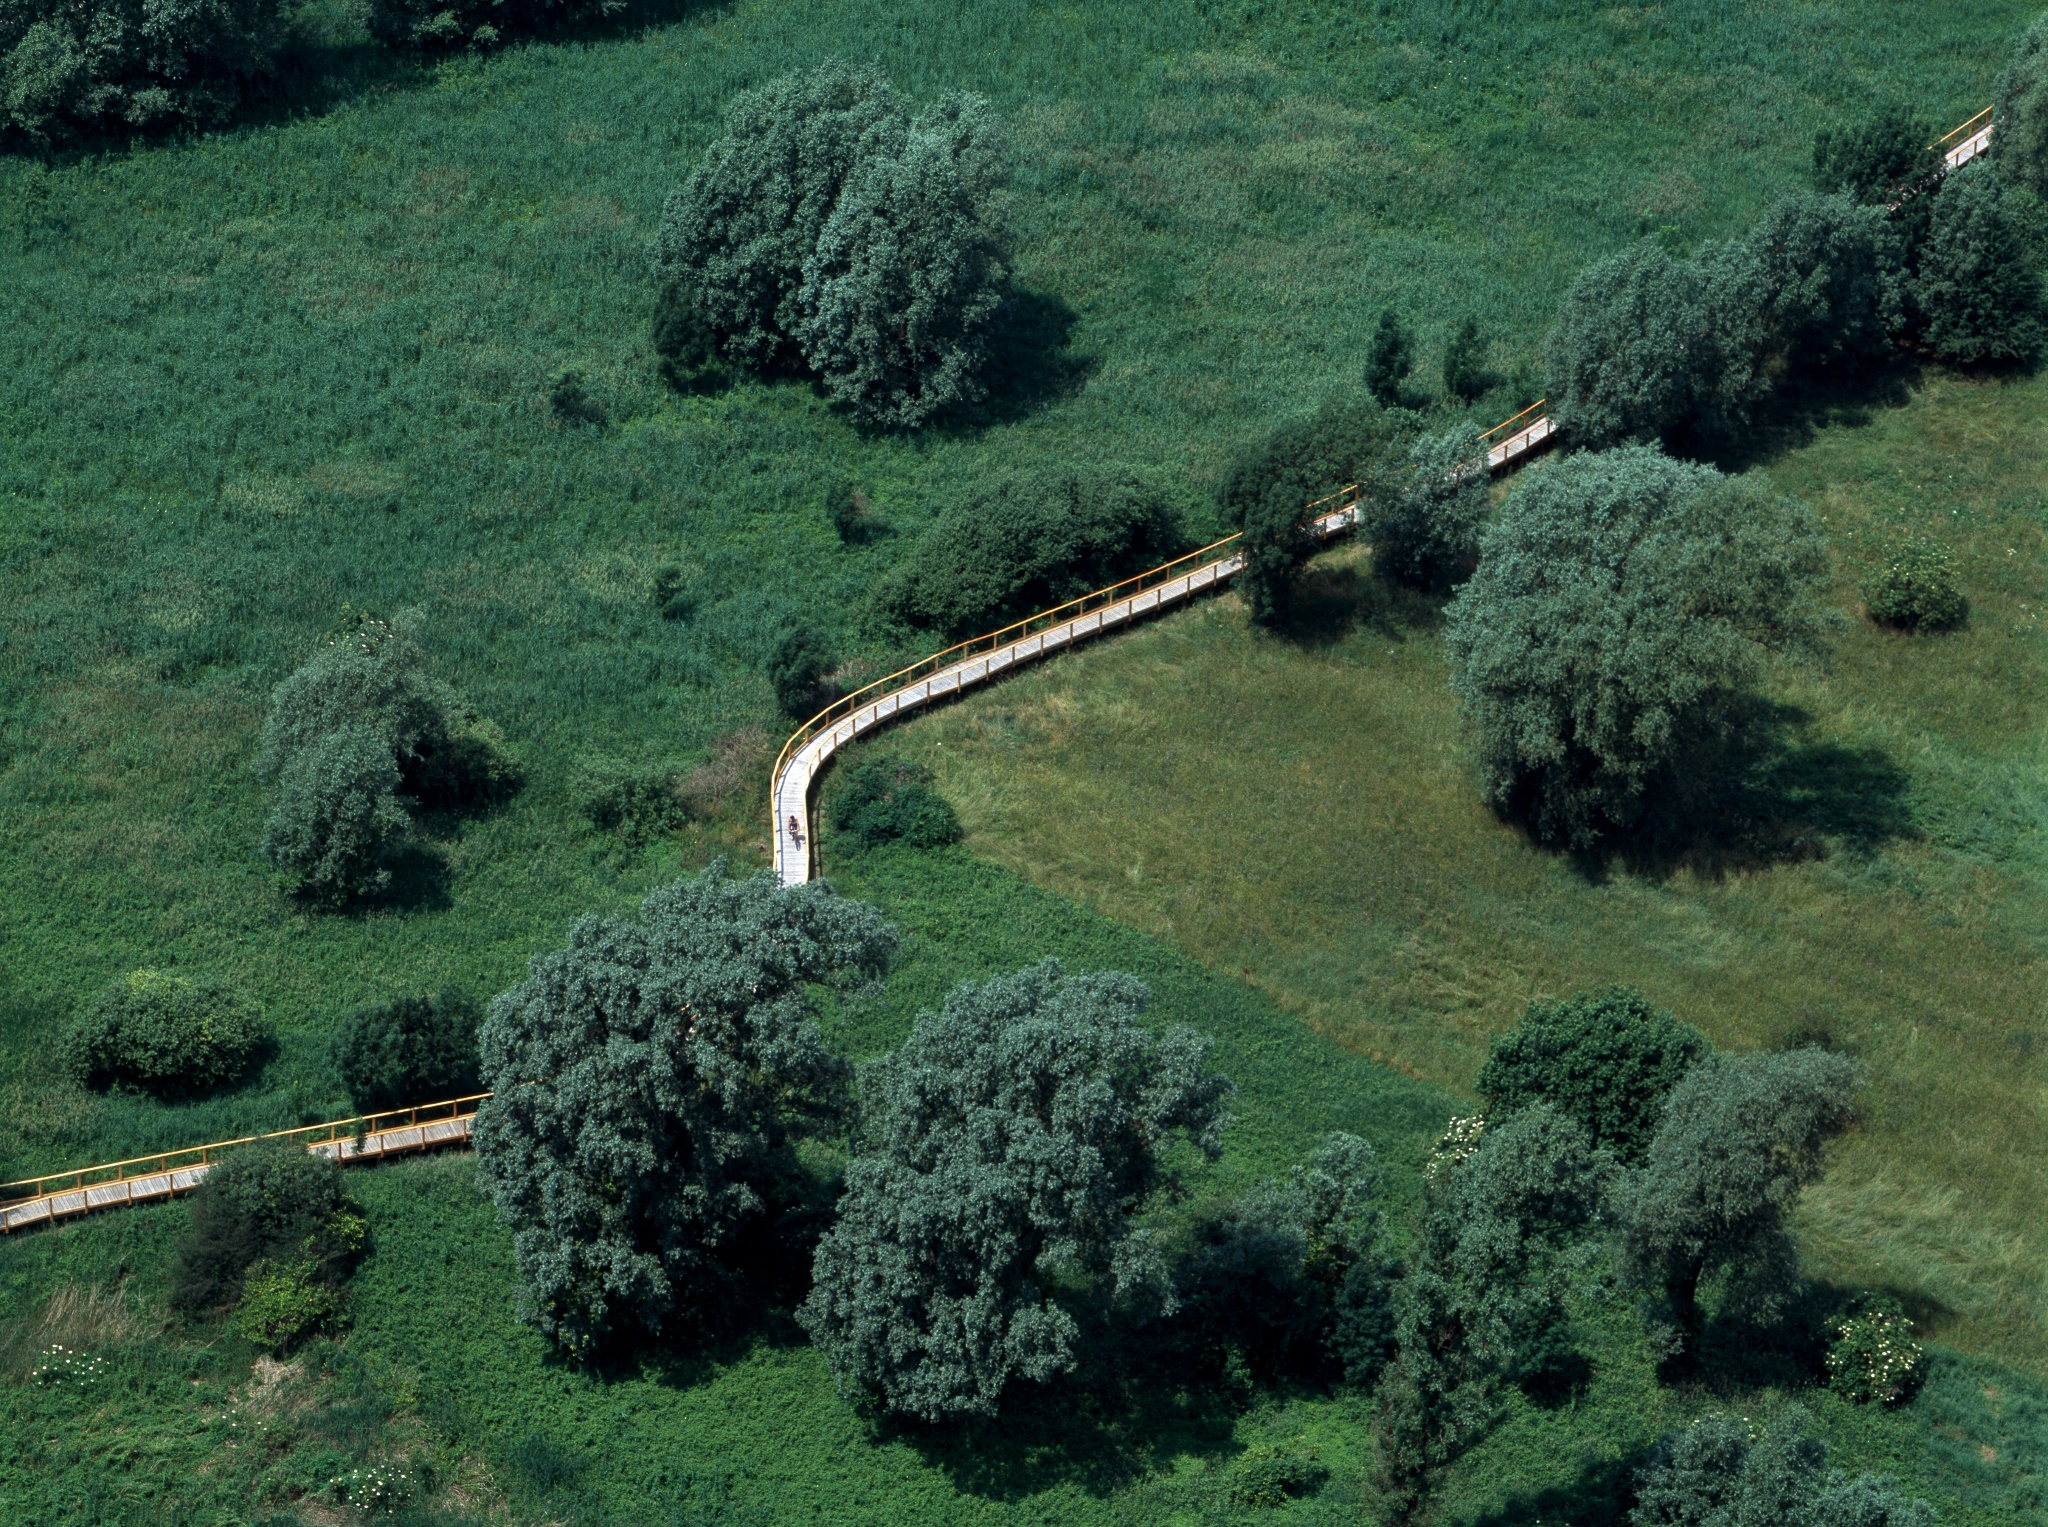 risalente alla valle del Rio Grande